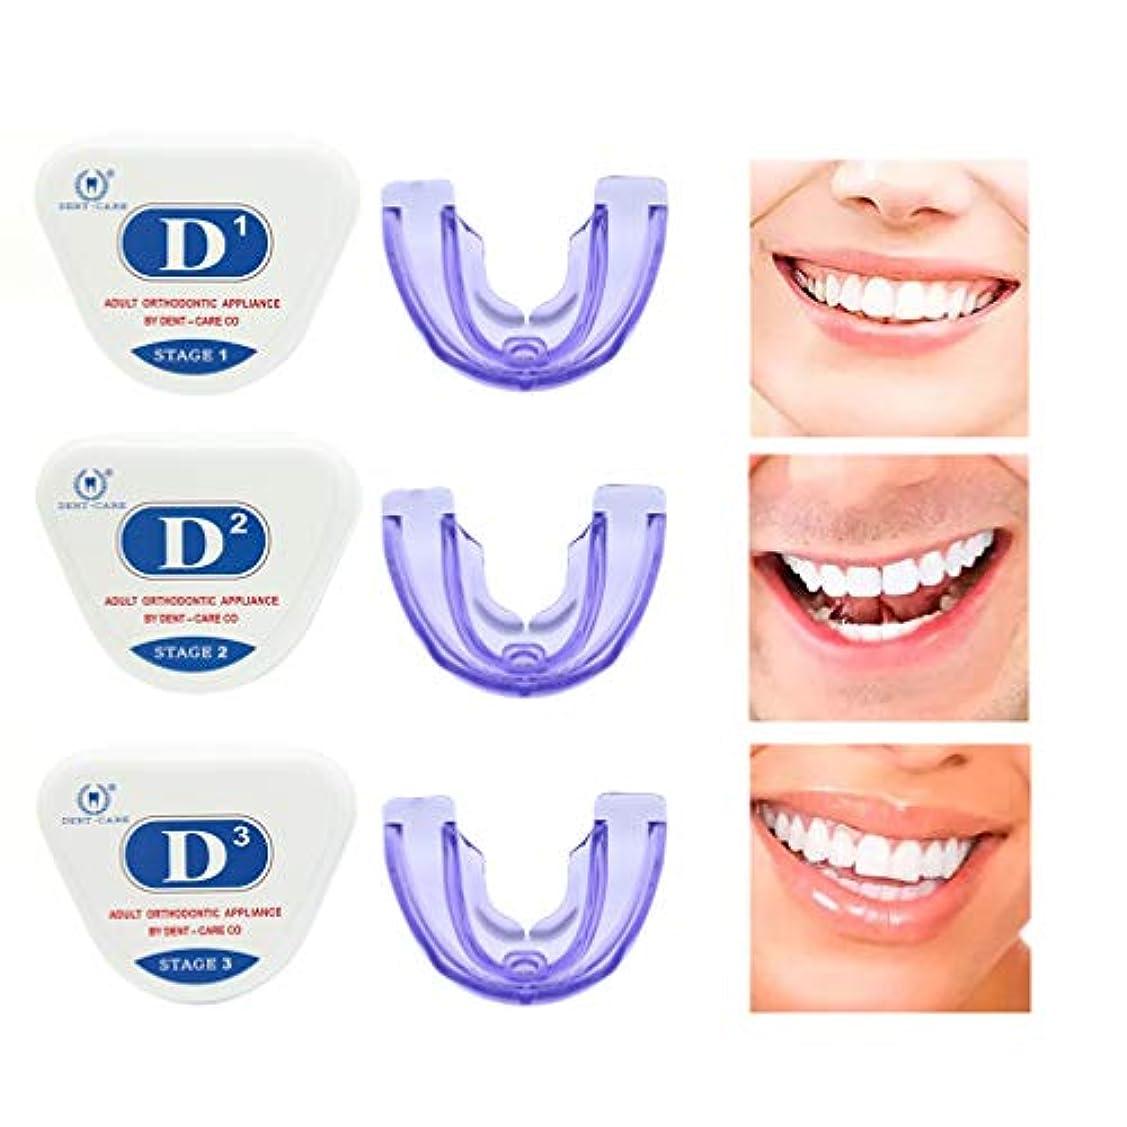 練習したインテリアストレスの多い歯合わせリテーナ、歯列矯正用リテーナ、歯列矯正用歯型アプライアンスナイトマウスガードスリム、矯正用プロテクター、歯科矯正トレーナ,D1+D2+D3